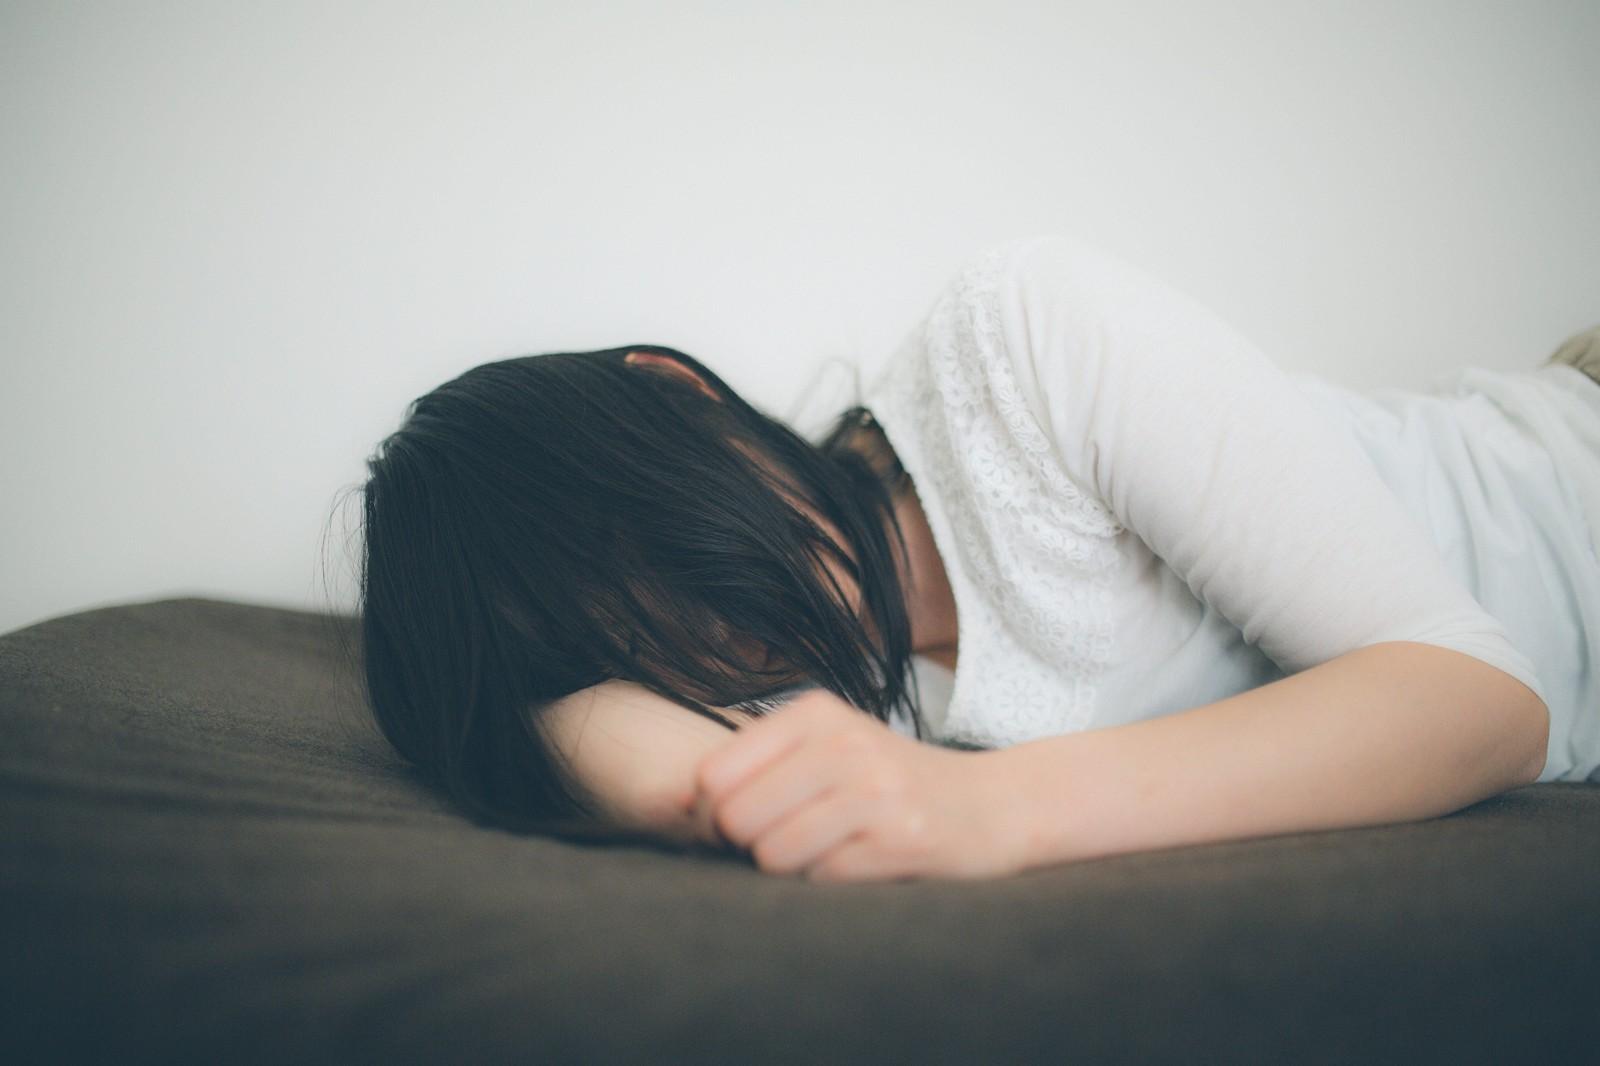 部活サボるのは悪いこと?複雑な感情をスッと解消し気持よく休む方法